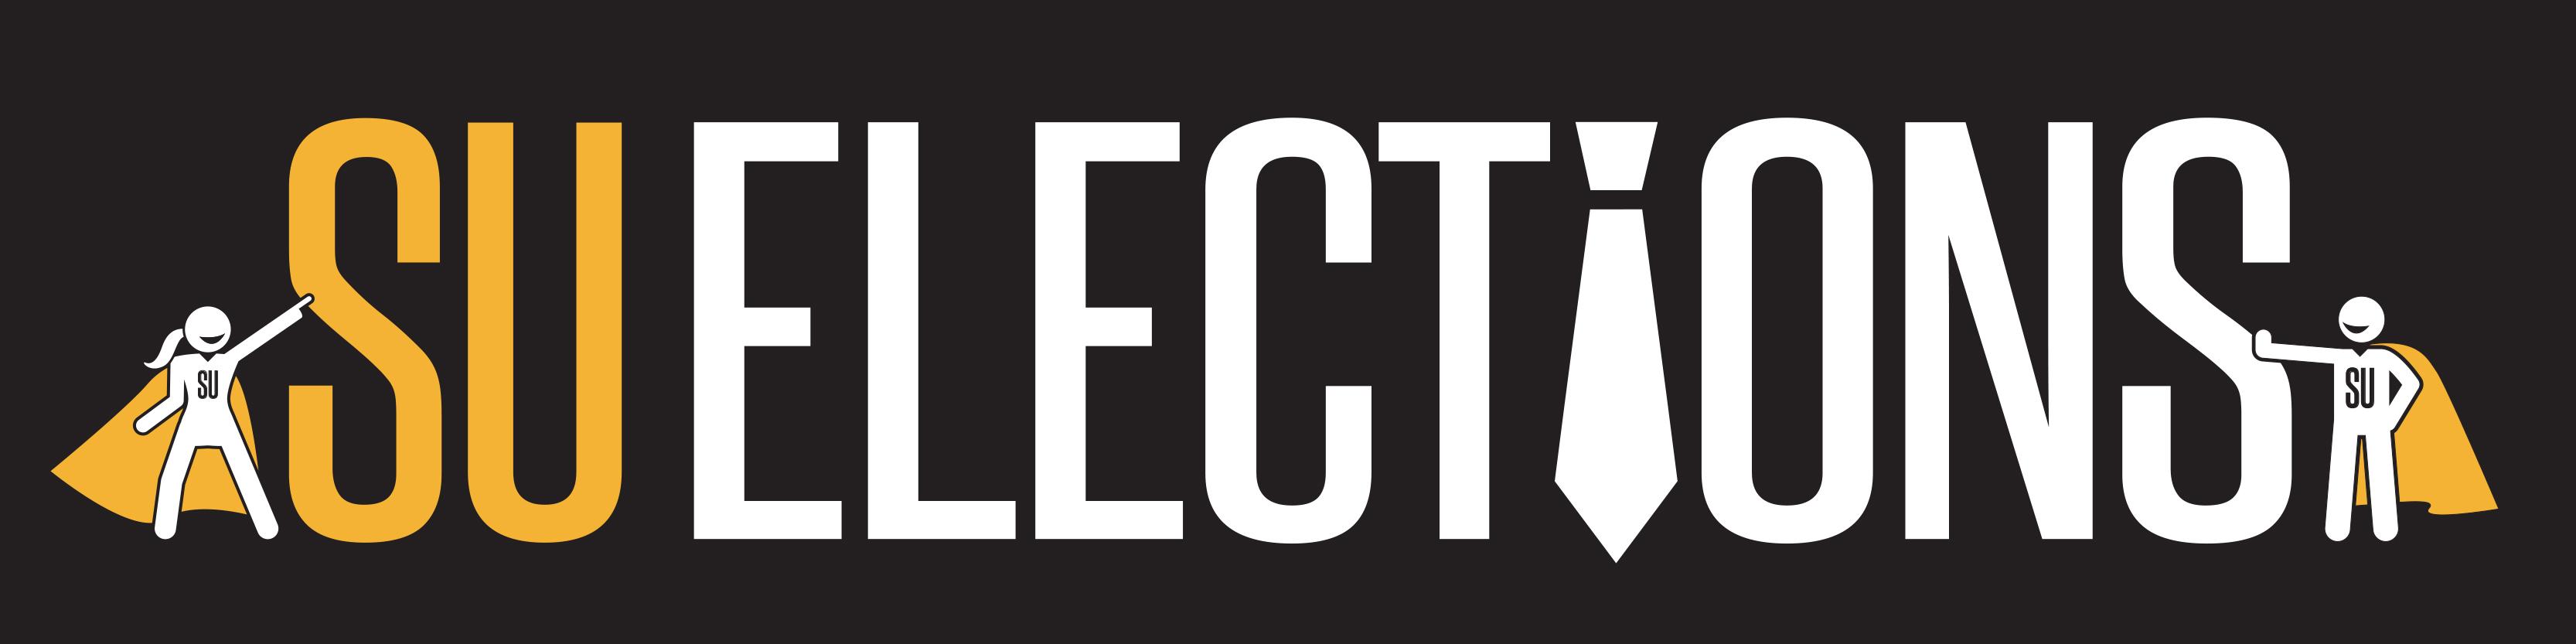 Web Banner: SU Elections